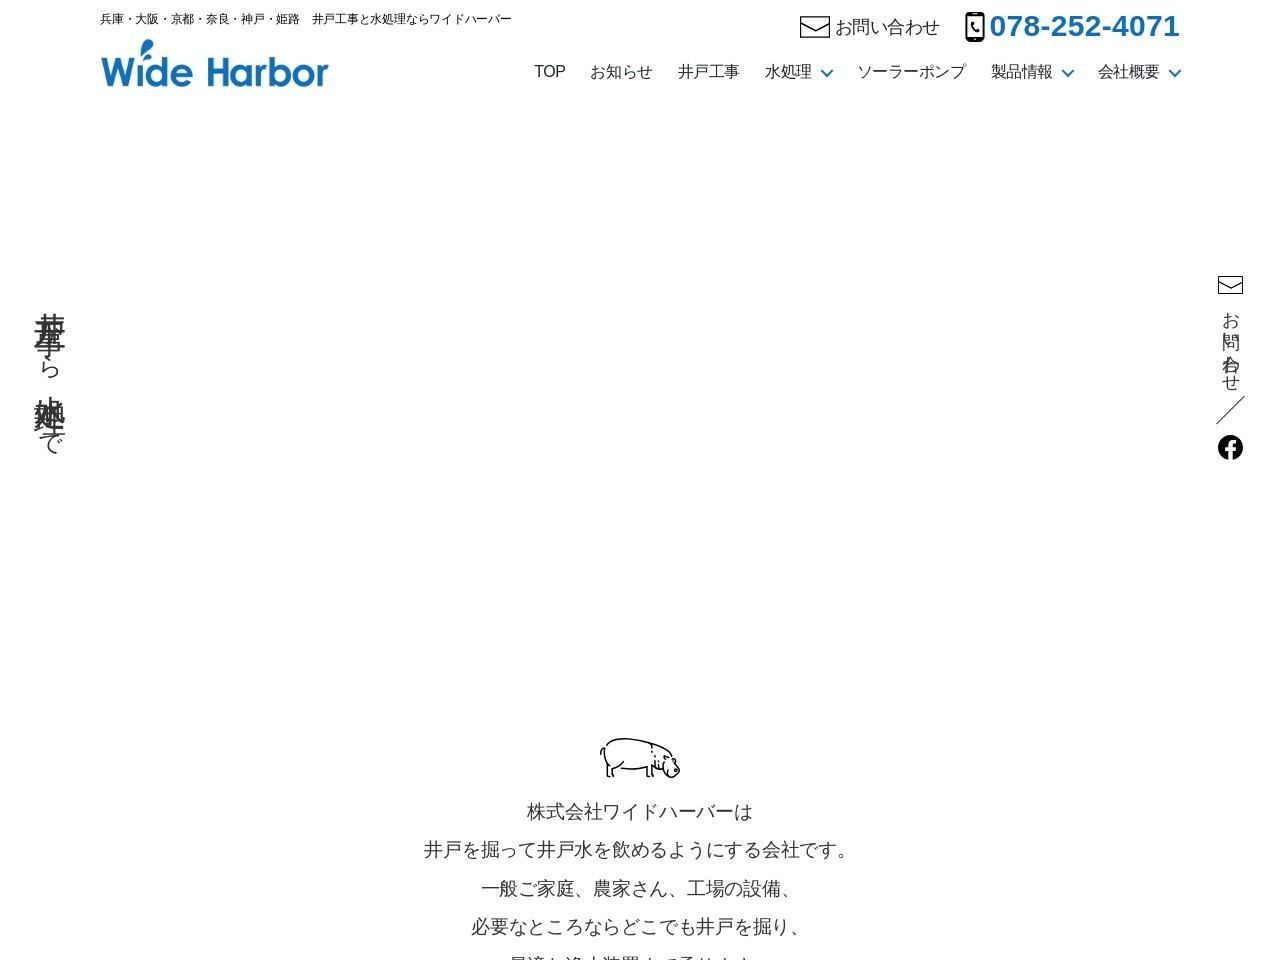 株式会社ワイドハーバー神戸営業所